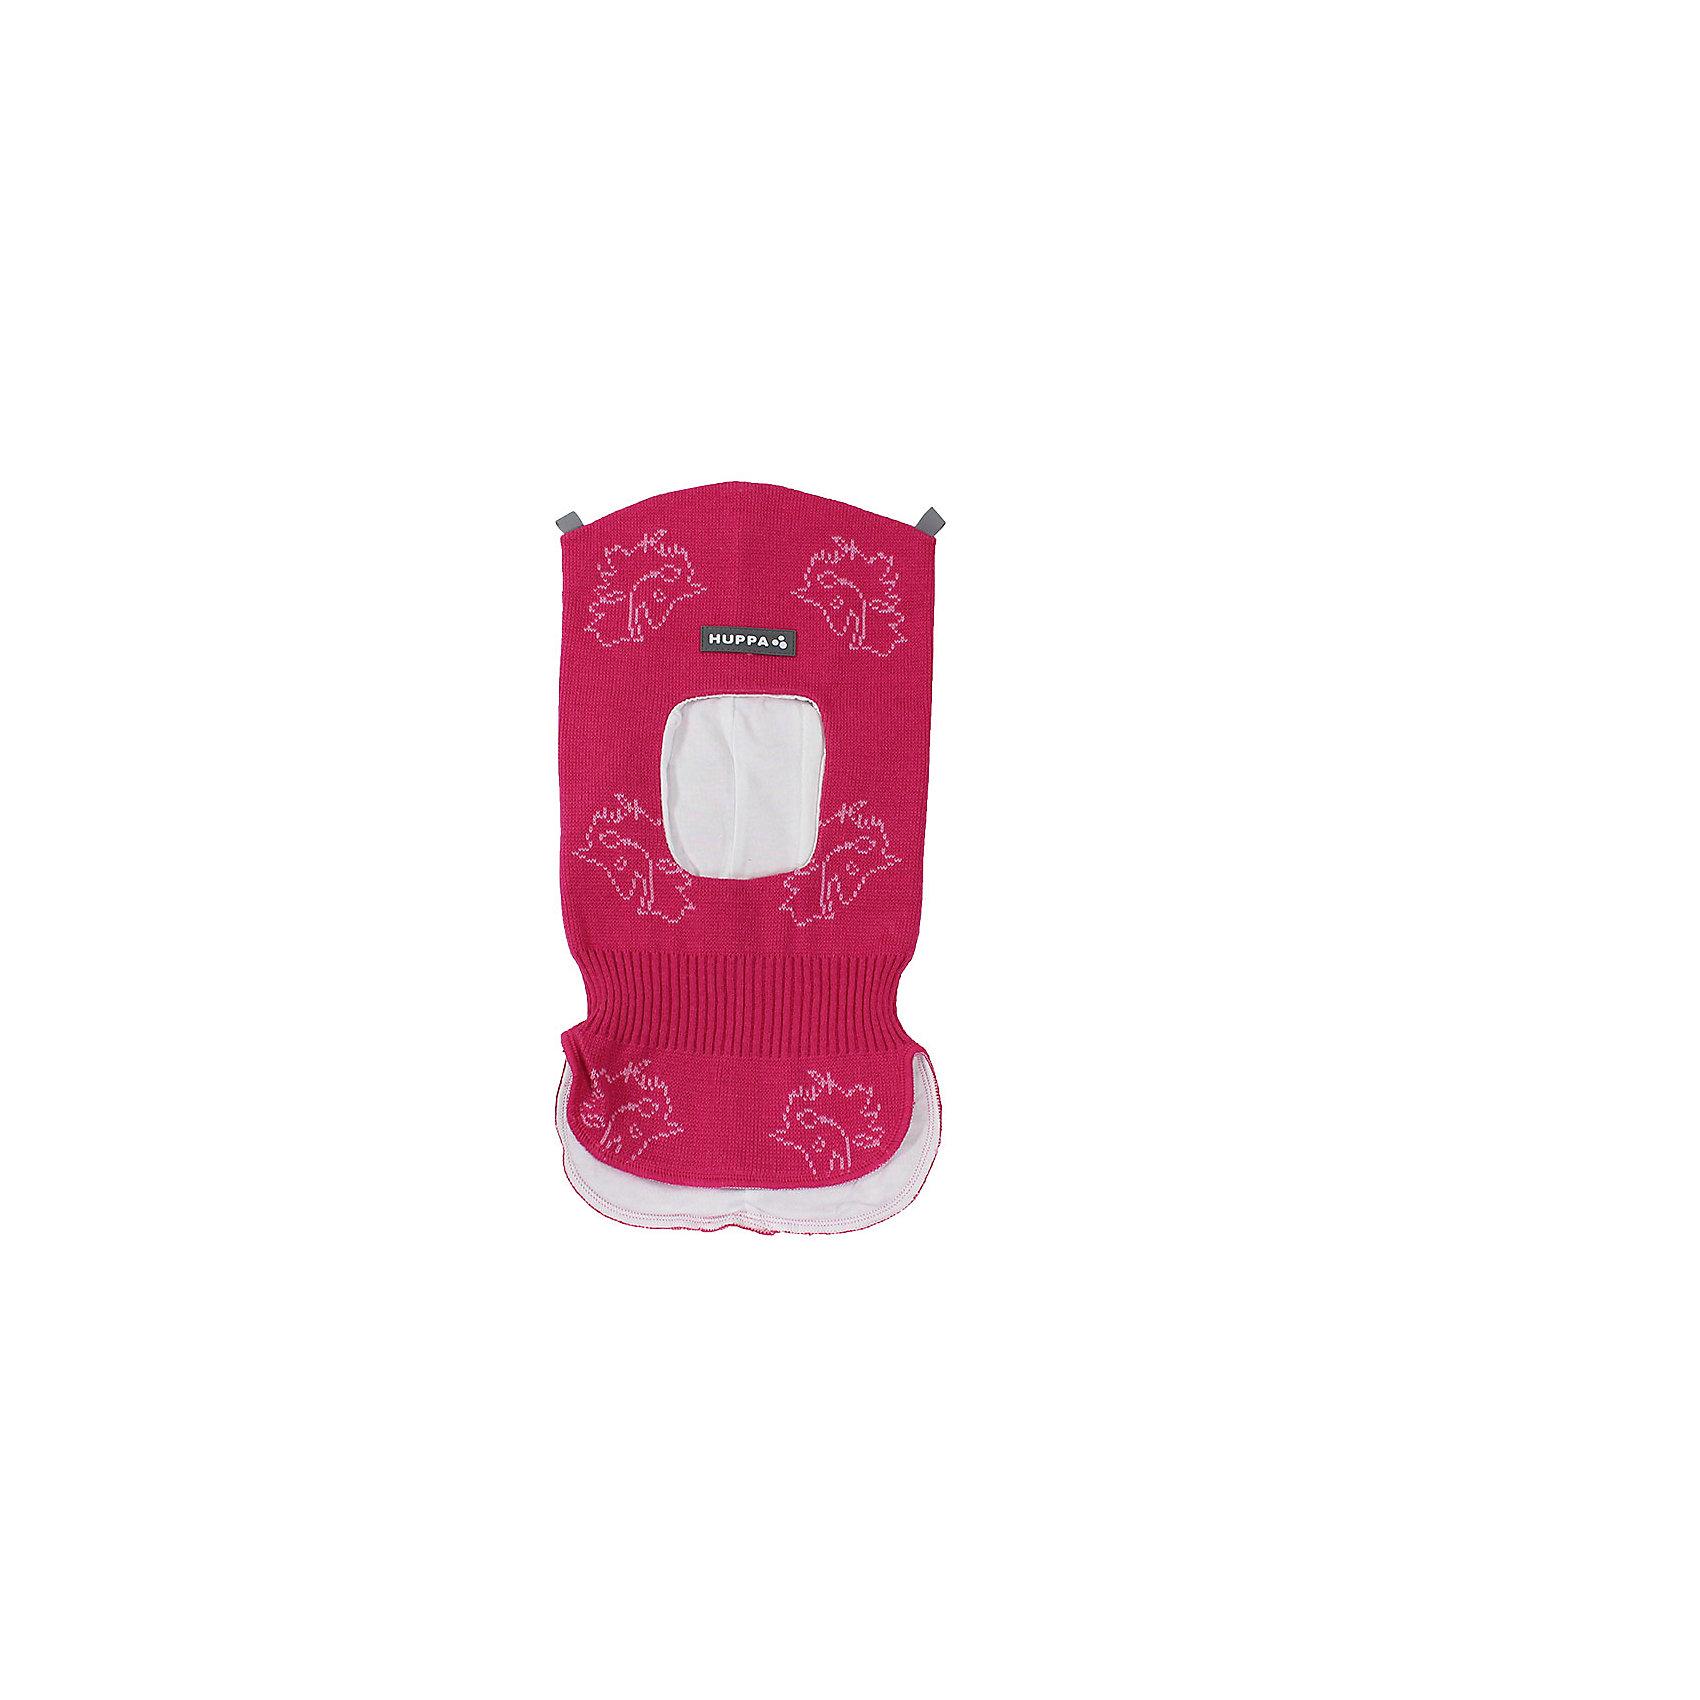 Шапка-шлем SELAH для девочки HuppaГоловные уборы<br>Характеристики товара:<br><br>• цвет: фуксия принт<br>• состав: 50% хлопок, 50% акрил<br>• подкладка: трикотаж - 100% хлопок<br>• температурный режим: от -5°С до +10°С<br>• демисезонная<br>• мягкая резинка на шее<br>• логотип<br>• комфортная посадка<br>• мягкий материал<br>• страна бренда: Эстония<br><br>Эта шапка обеспечит детям тепло и комфорт. Она сделана из приятного на ощупь мягкого материала. Шапка очень симпатично смотрится, а дизайн и расцветка позволяют сочетать её с различной одеждой. Модель была разработана специально для детей.<br><br>Одежда и обувь от популярного эстонского бренда Huppa - отличный вариант одеть ребенка можно и комфортно. Вещи, выпускаемые компанией, качественные, продуманные и очень удобные. Для производства изделий используются только безопасные для детей материалы. Продукция от Huppa порадует и детей, и их родителей!<br><br>Шапку-шлем SELAH от бренда Huppa (Хуппа) можно купить в нашем интернет-магазине.<br><br>Ширина мм: 89<br>Глубина мм: 117<br>Высота мм: 44<br>Вес г: 155<br>Цвет: фиолетовый<br>Возраст от месяцев: 36<br>Возраст до месяцев: 72<br>Пол: Женский<br>Возраст: Детский<br>Размер: 51-53,47-49,43-45<br>SKU: 5347633